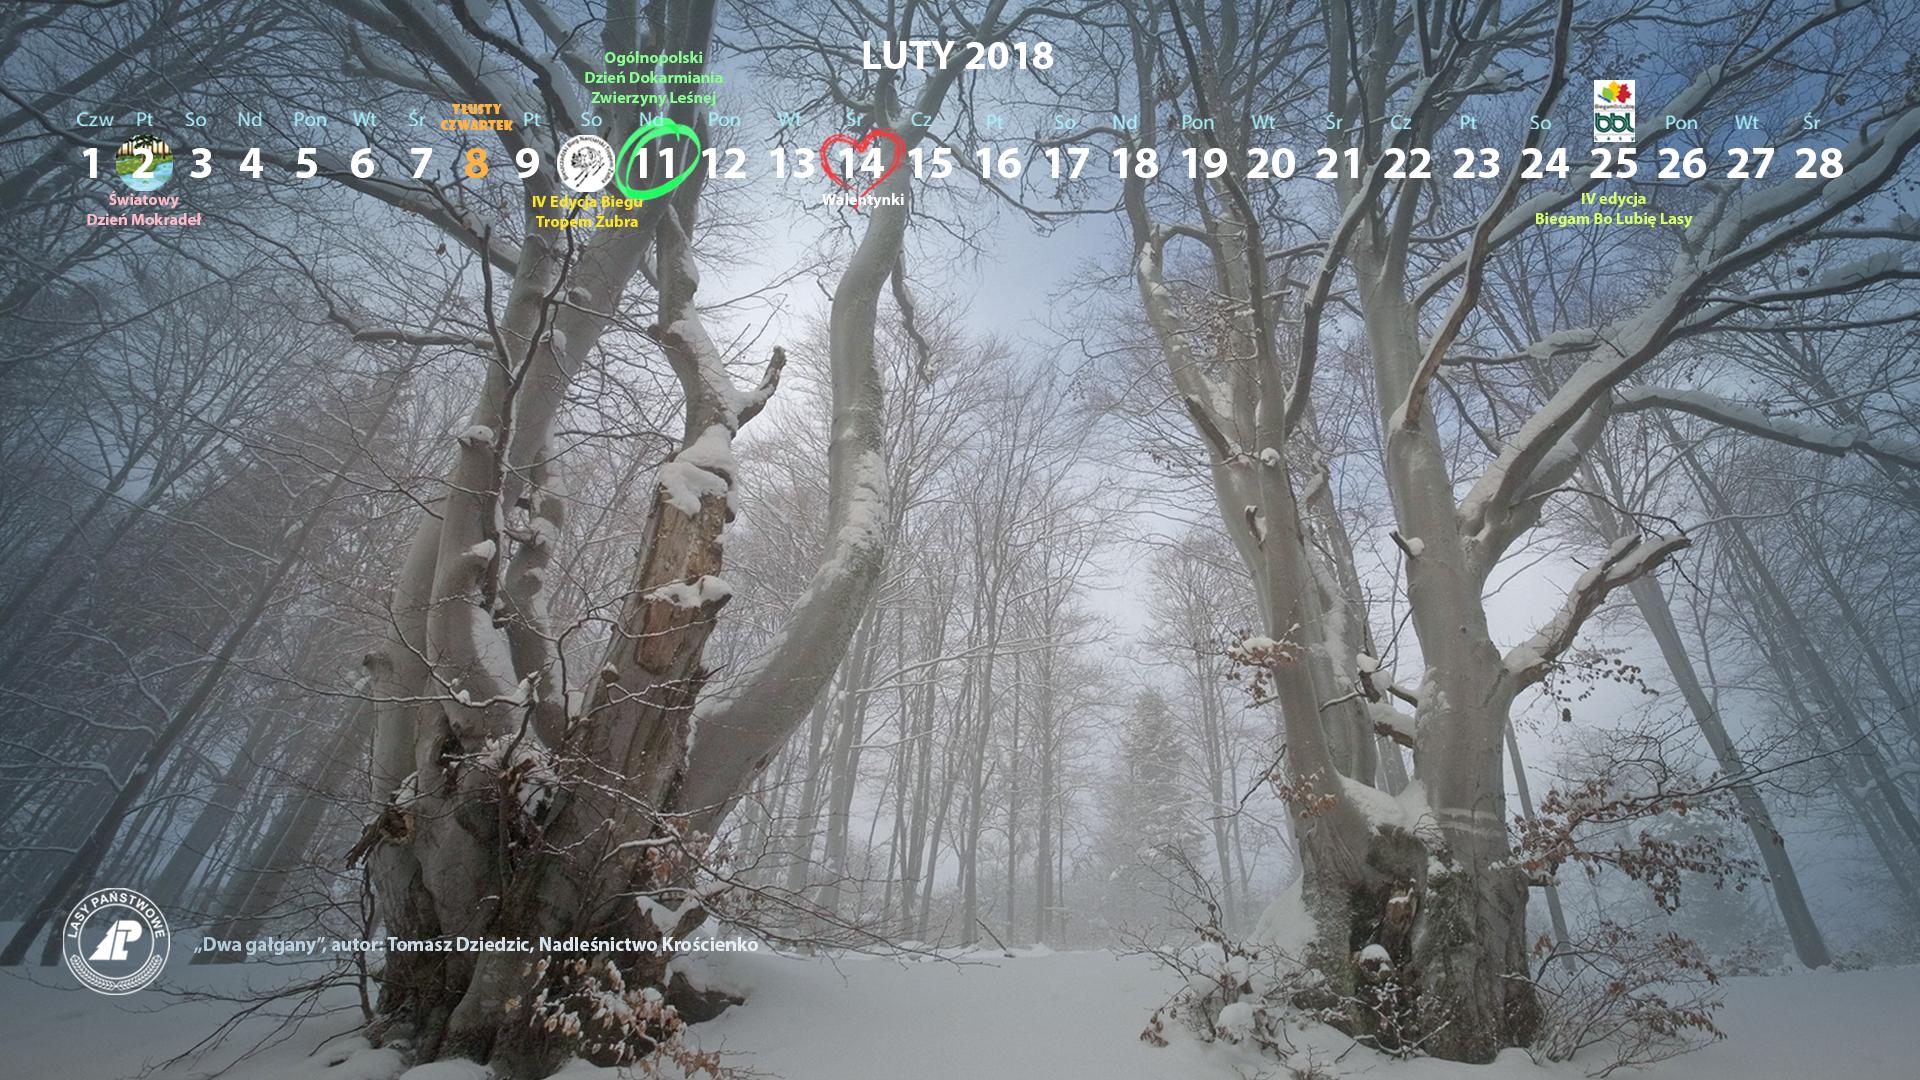 Kalendarz luty 2018 1920x1080